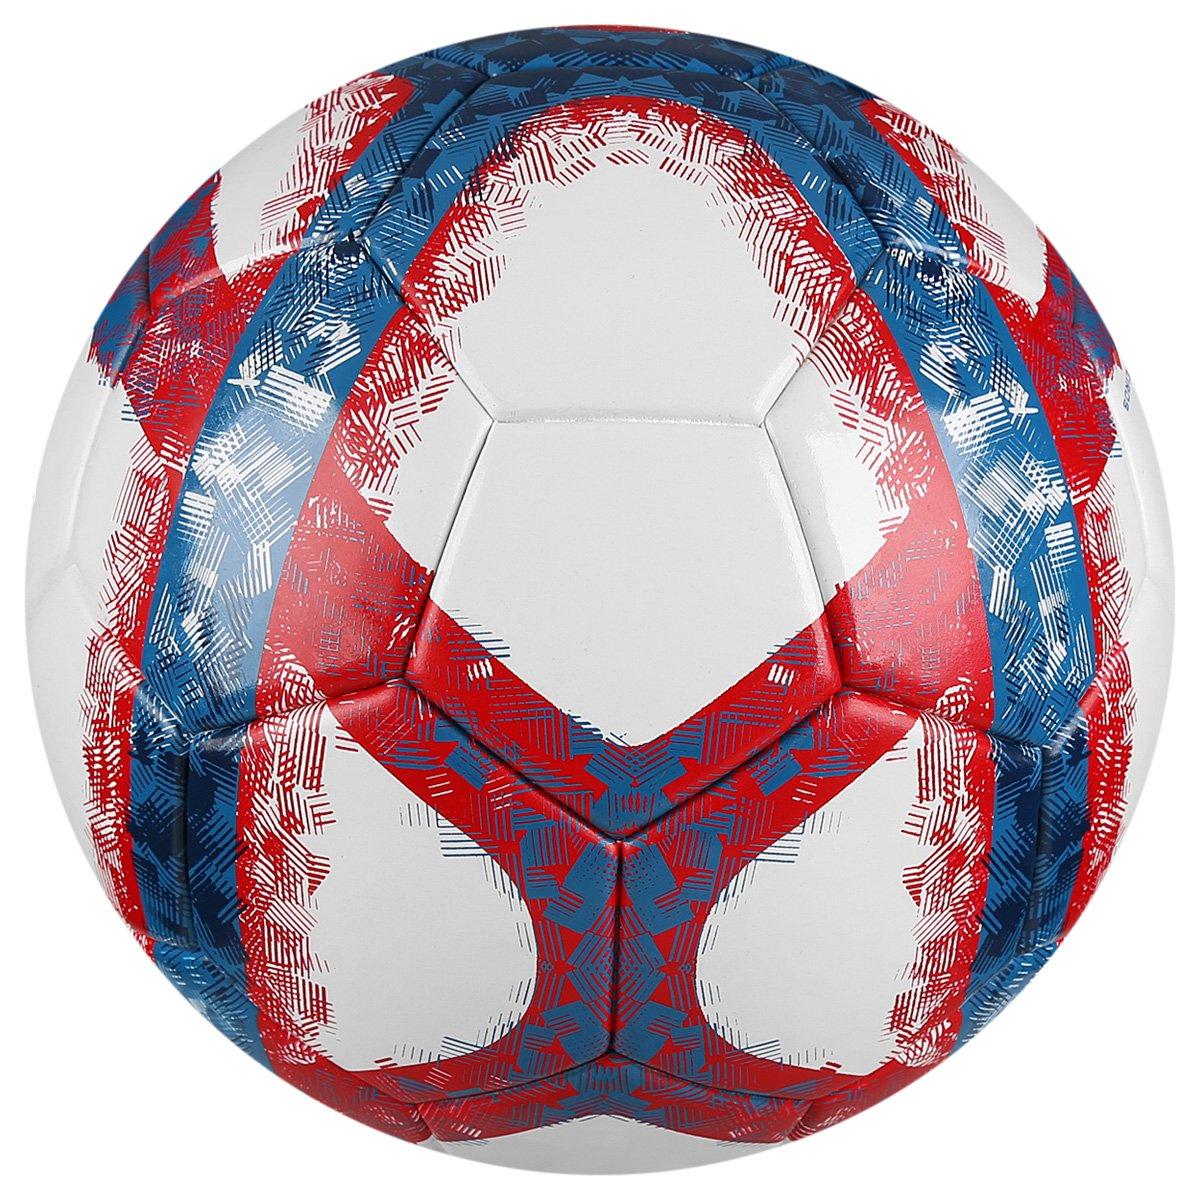 Bola Futebol Campo Penalty Ultra Fusion 6 - Compre Agora  0ffd459892117